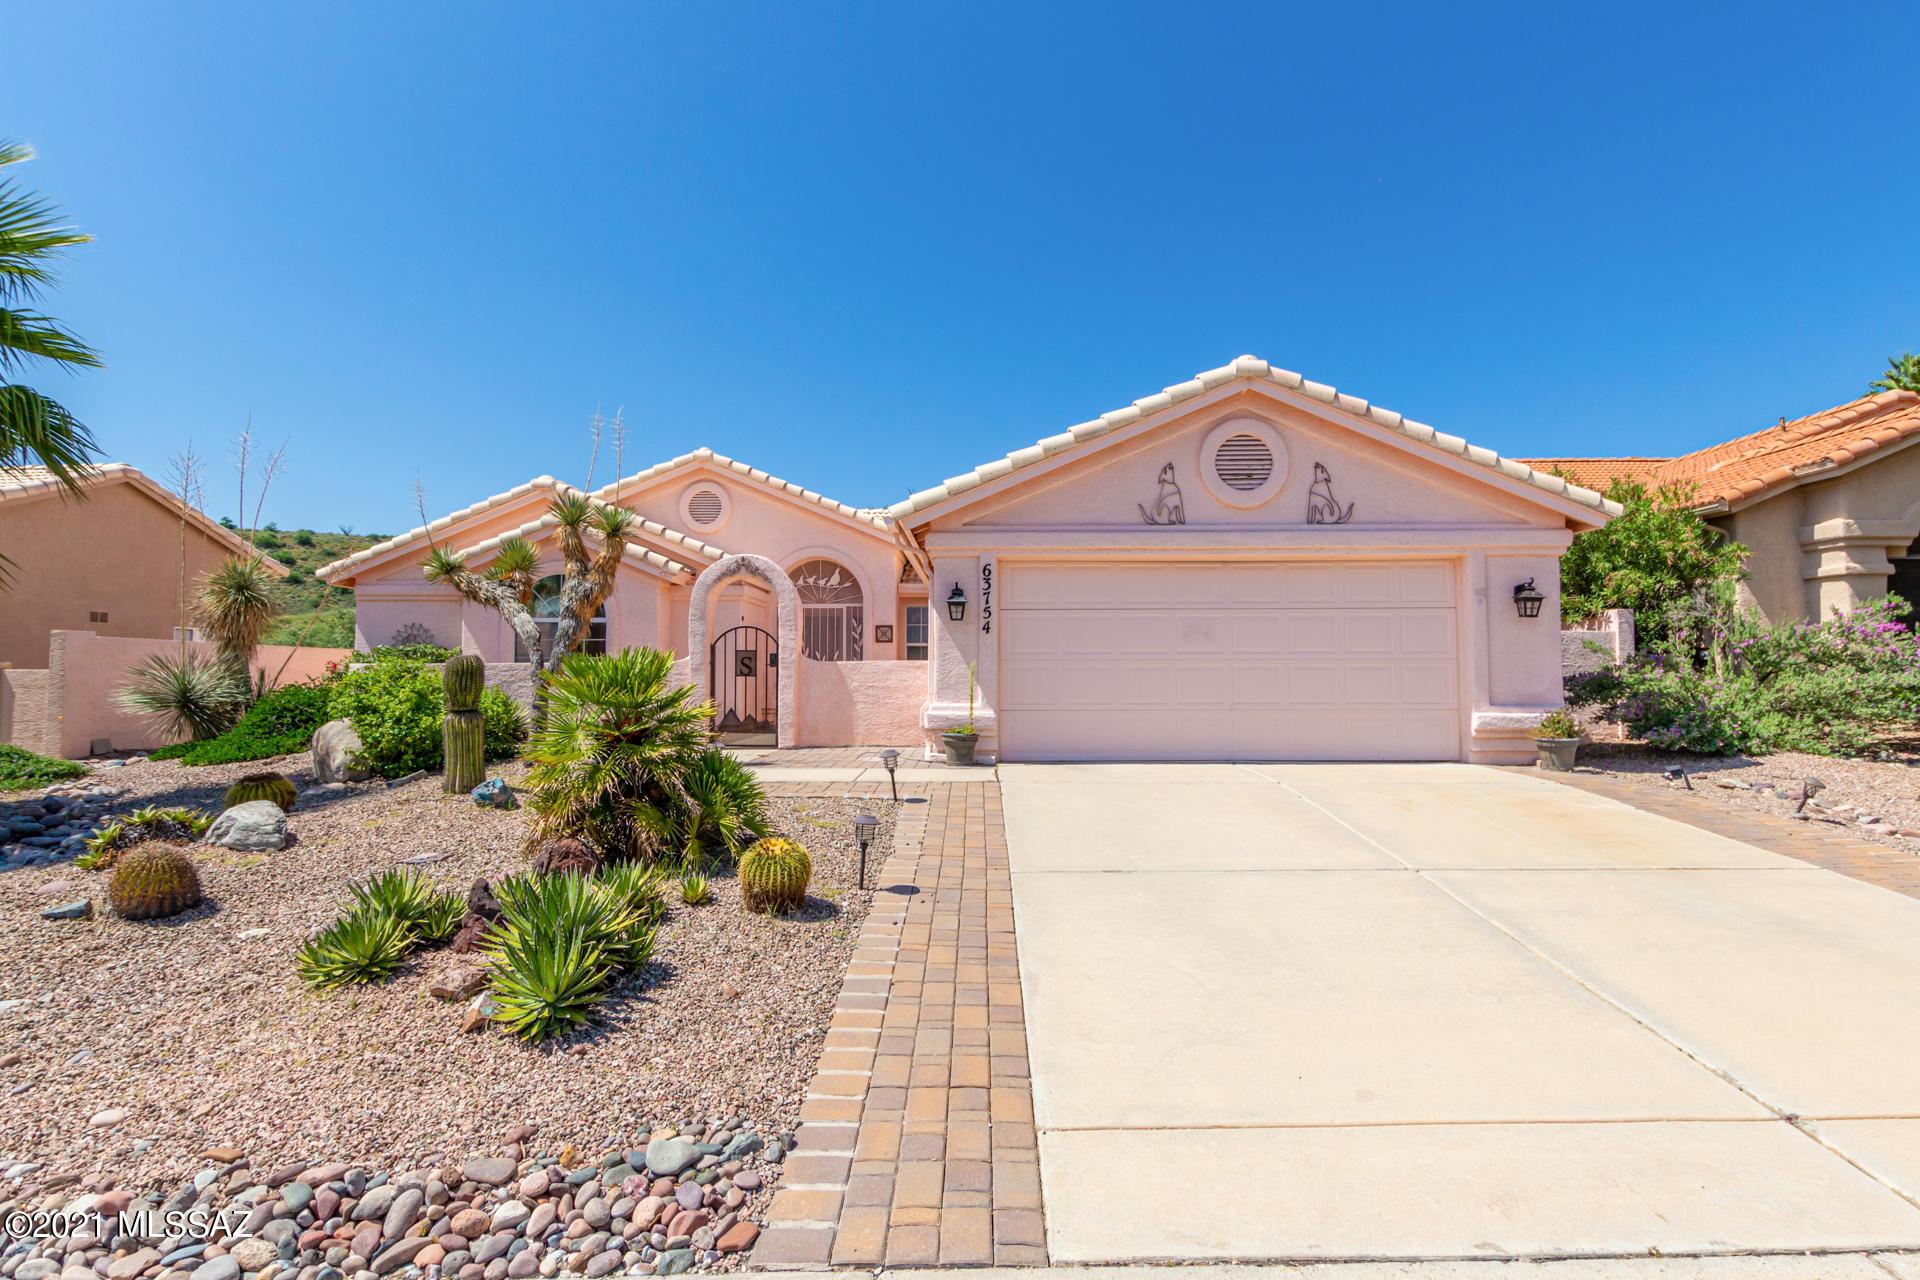 Photo of 63754 E Greenbelt Lane, Saddlebrooke, AZ 85739